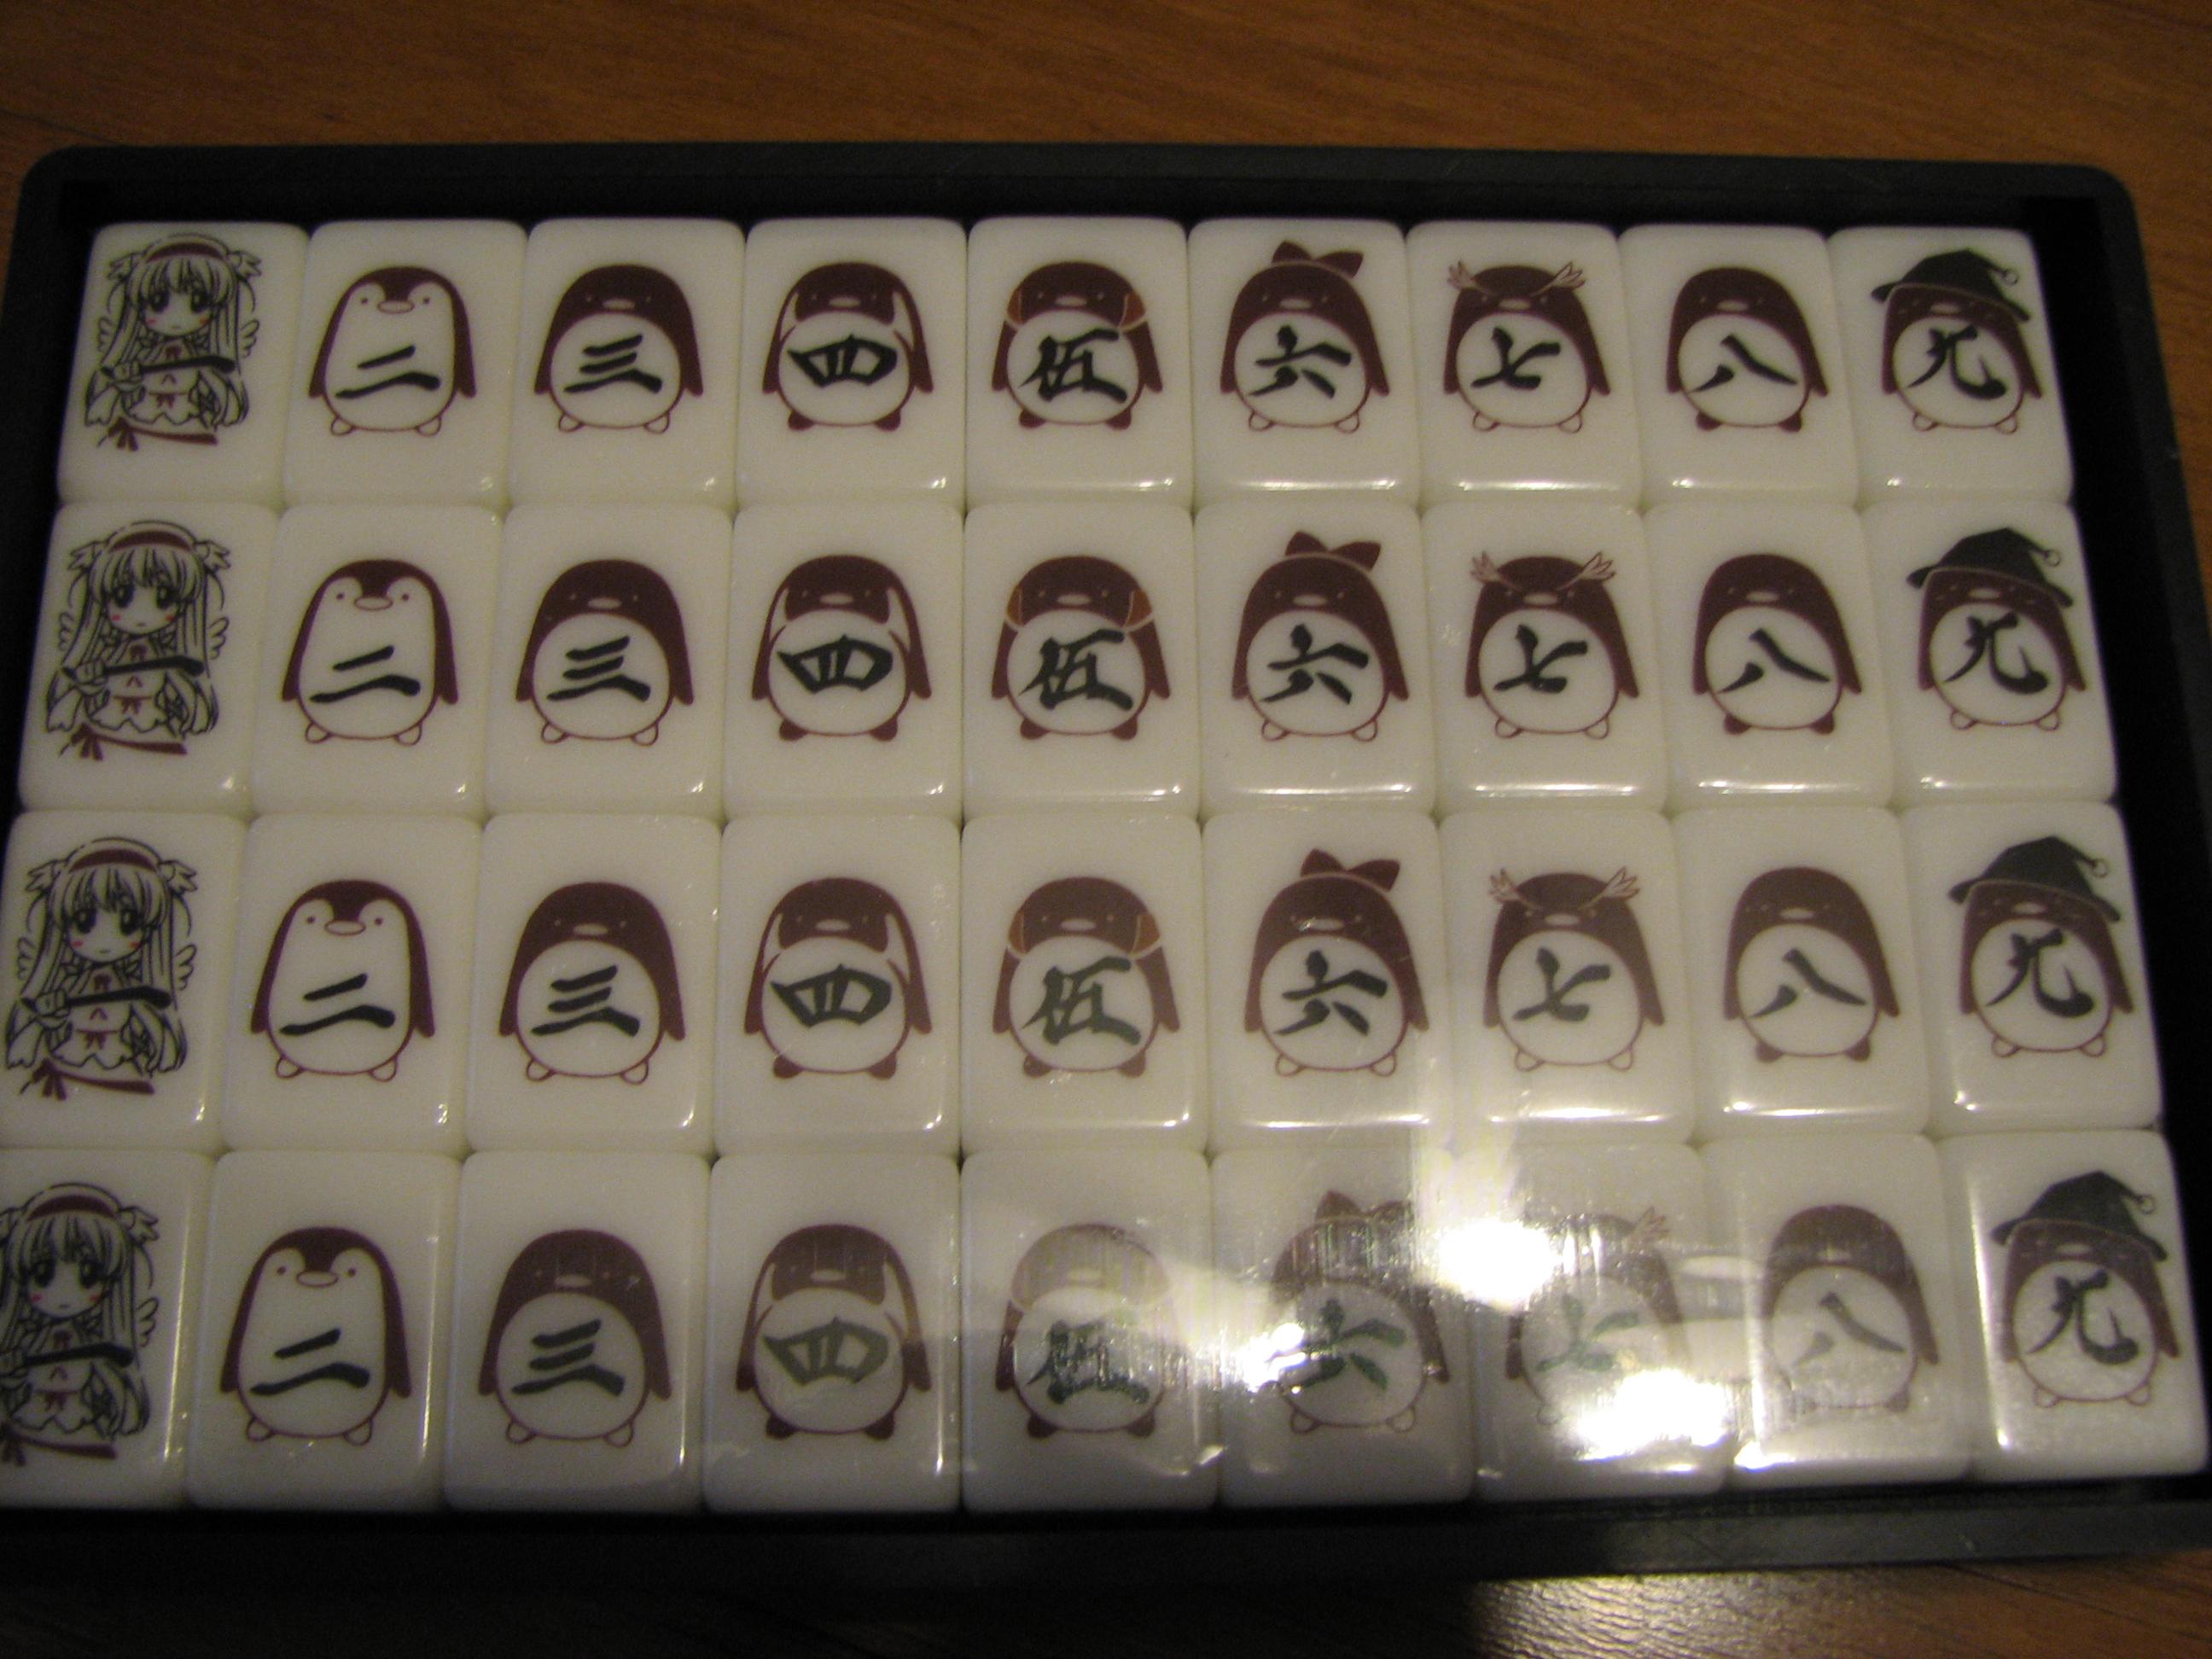 Saki! Mahjong! Set! – The Bonkler